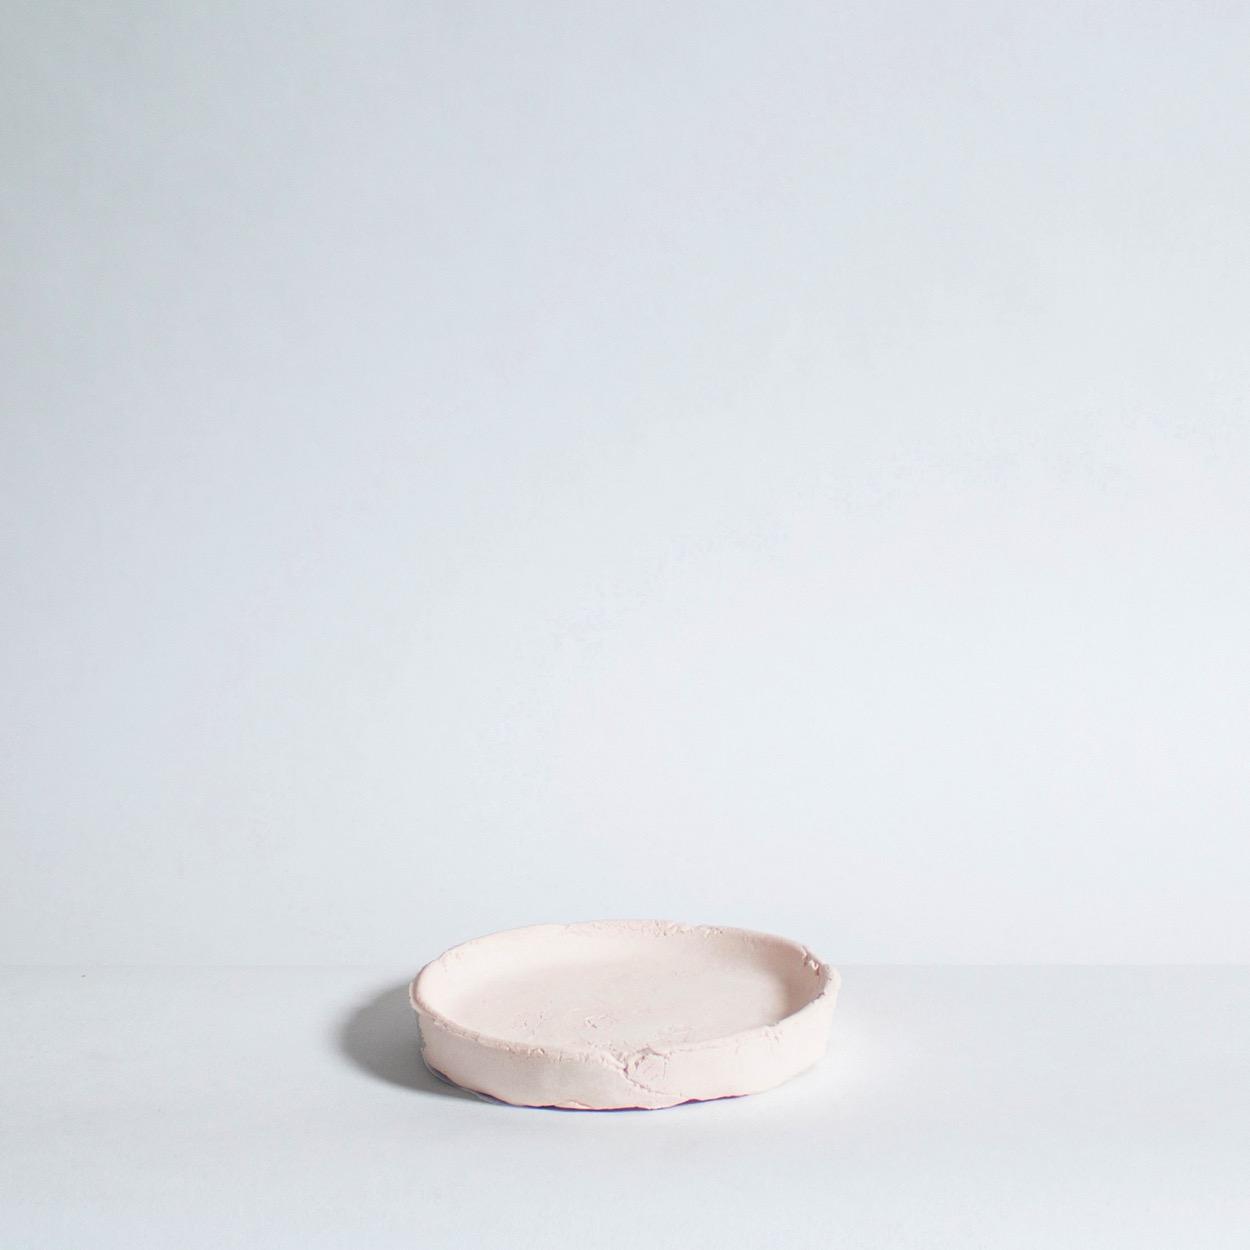 Pink_Plate.jpg